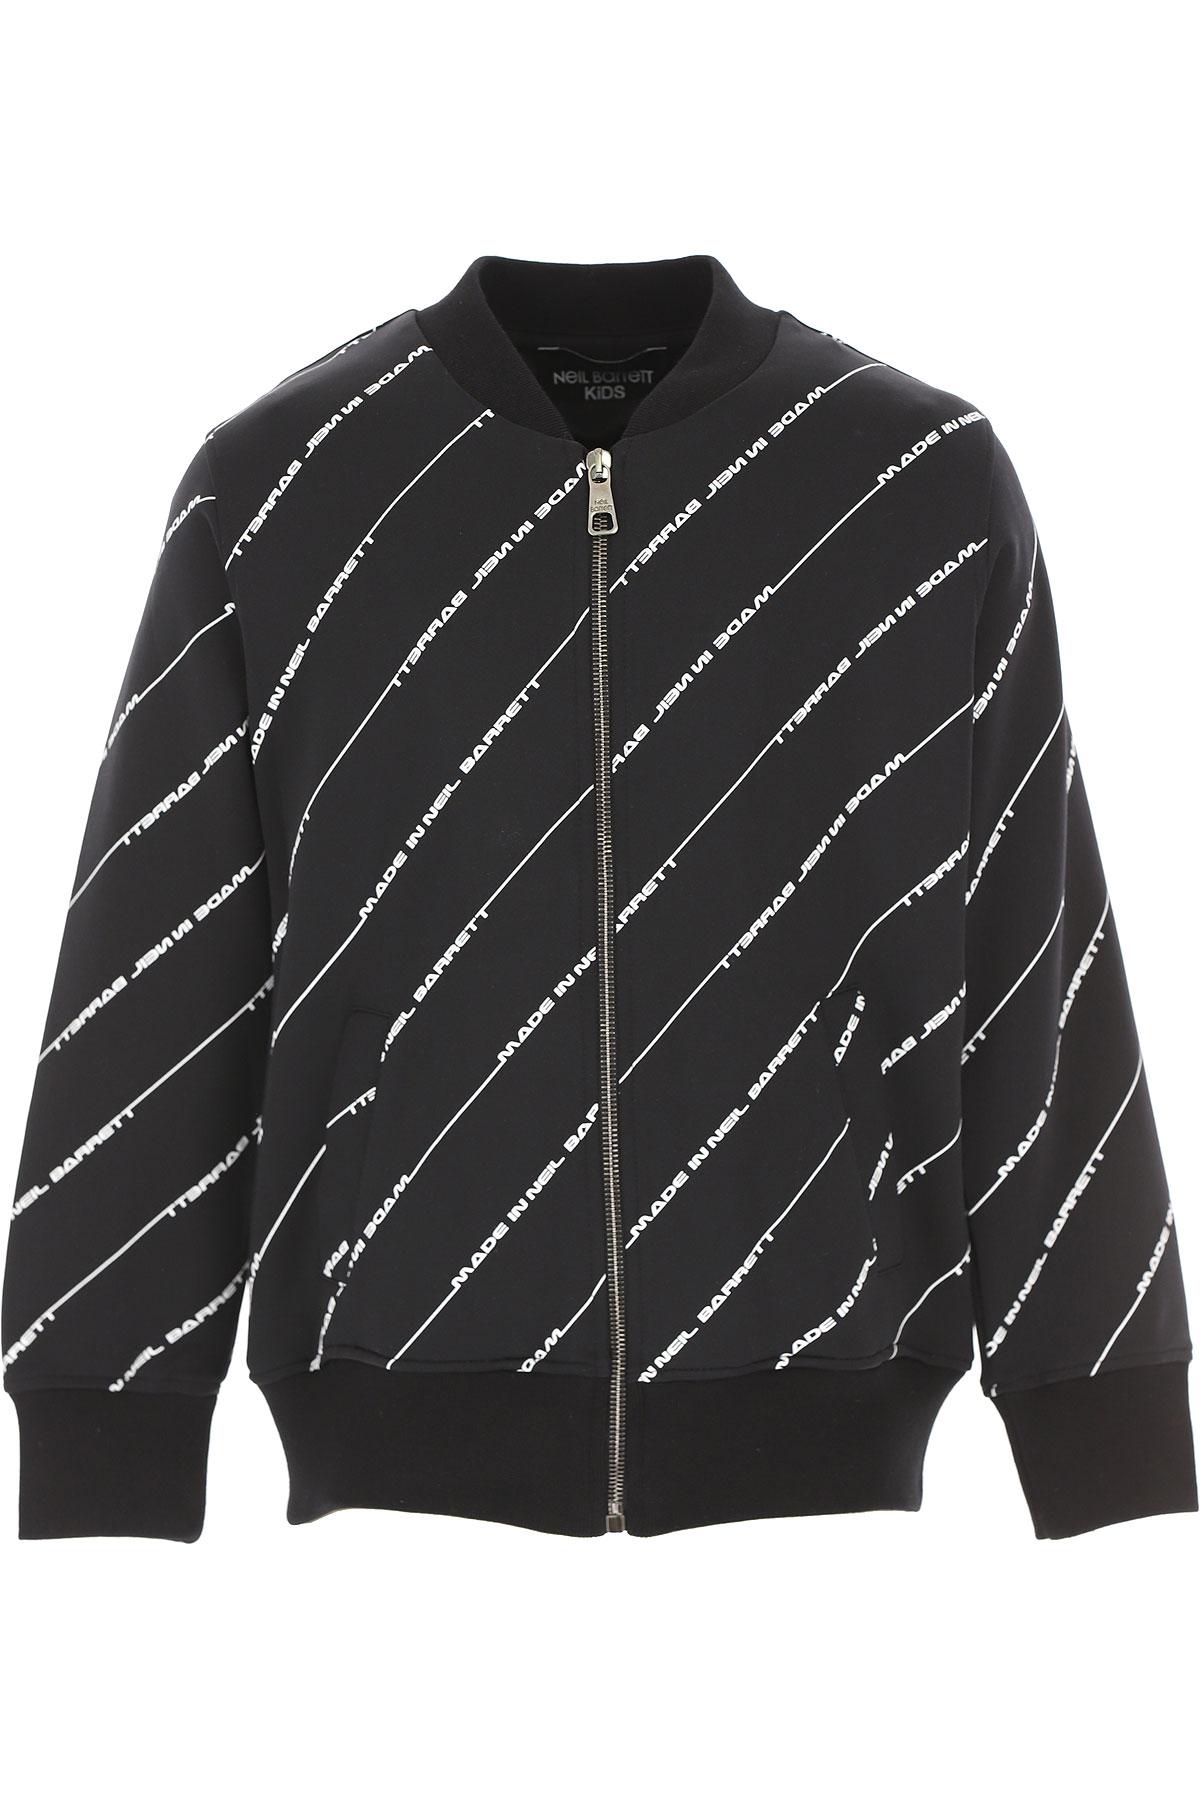 Neil Barrett Kids Sweatshirts & Hoodies for Boys On Sale, Black, polyamide, 2019, 10Y 12Y 14Y 8Y